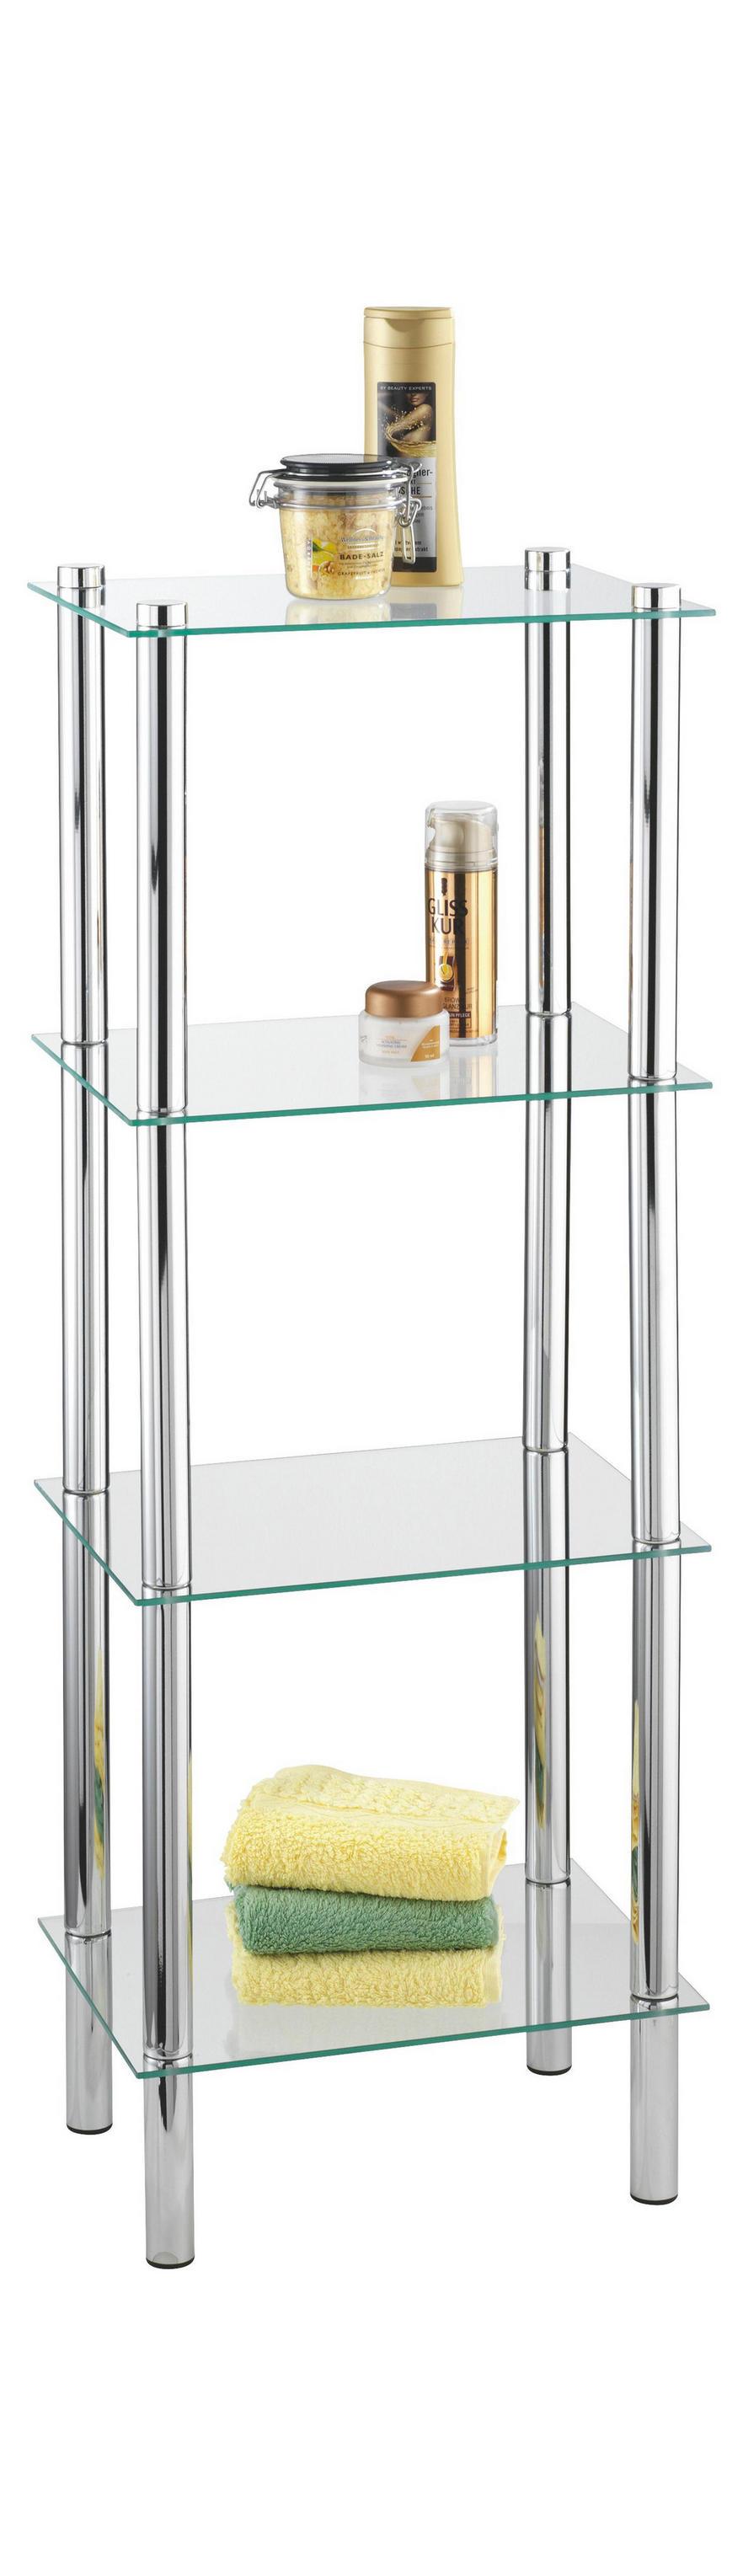 Badezimmer Regal Glas Chrom